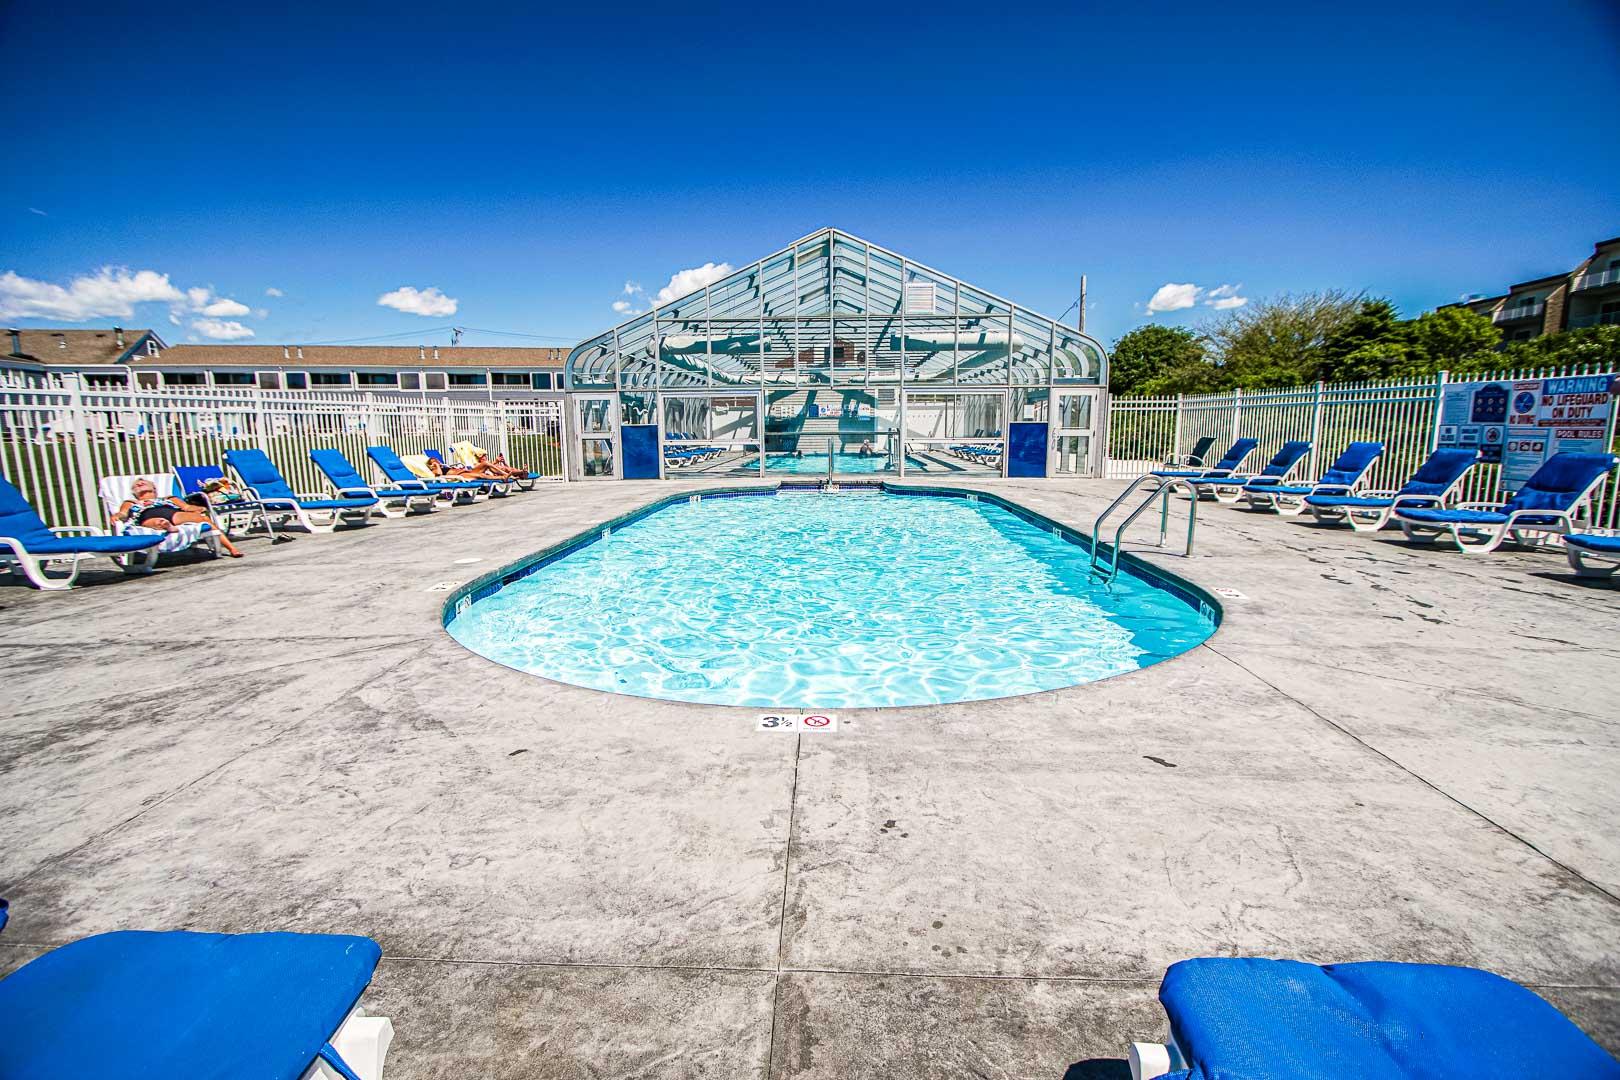 A refreshing indoor pool at VRI's Edgewater Beach Resort in Massachusetts.